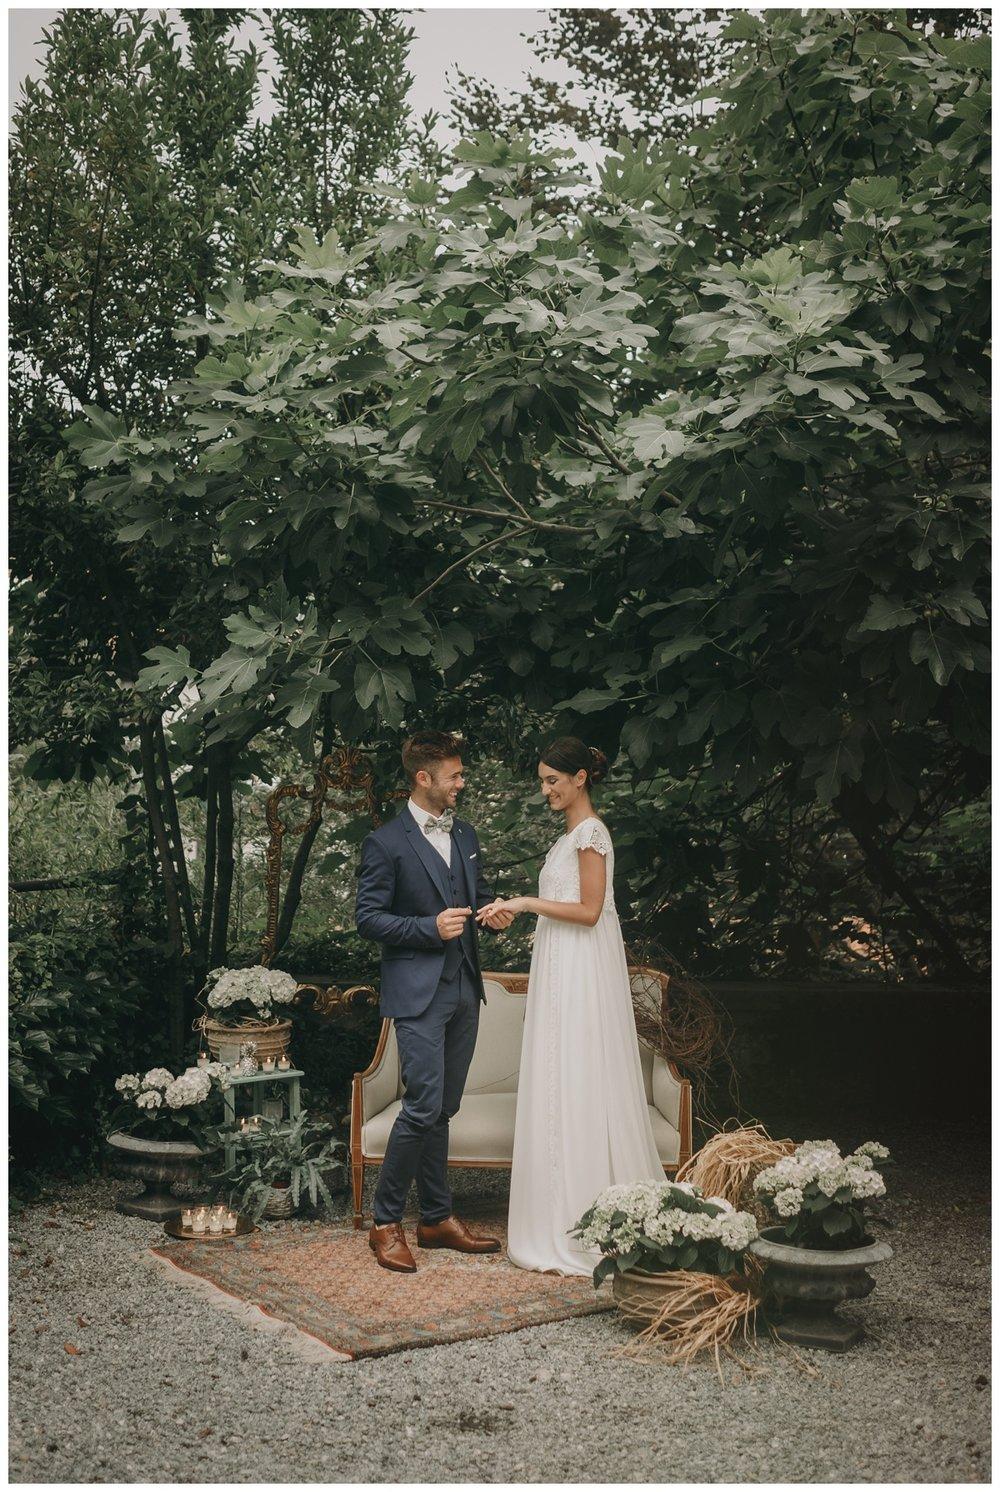 Fotografo_bodas_gipuzkoa_inhar mutiozabal_palacio_murguia_astigarraga_wedding_planner_reina_de_bodas_0035.jpg